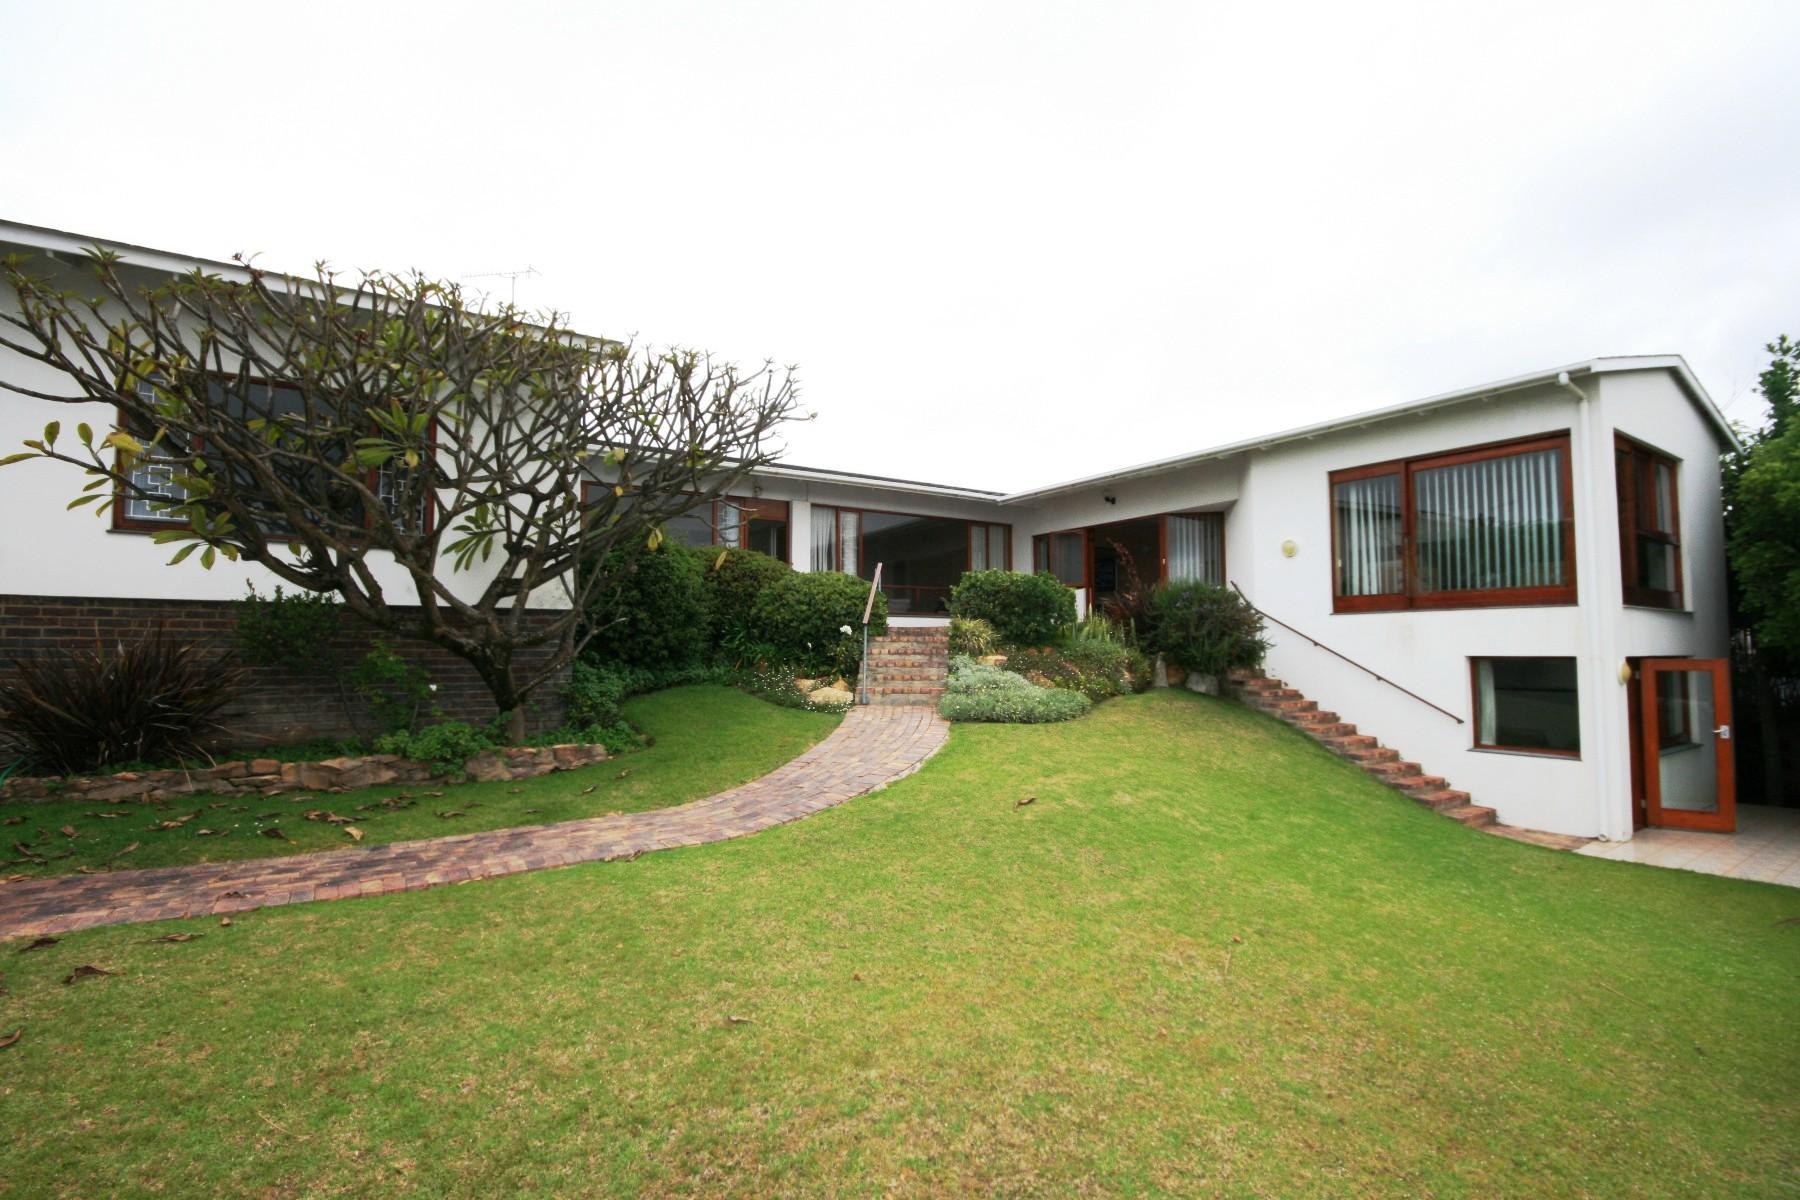 Maison unifamiliale pour l Vente à Spectacular Point of View Plettenberg Bay, Cap-Occidental, 6600 Afrique Du Sud